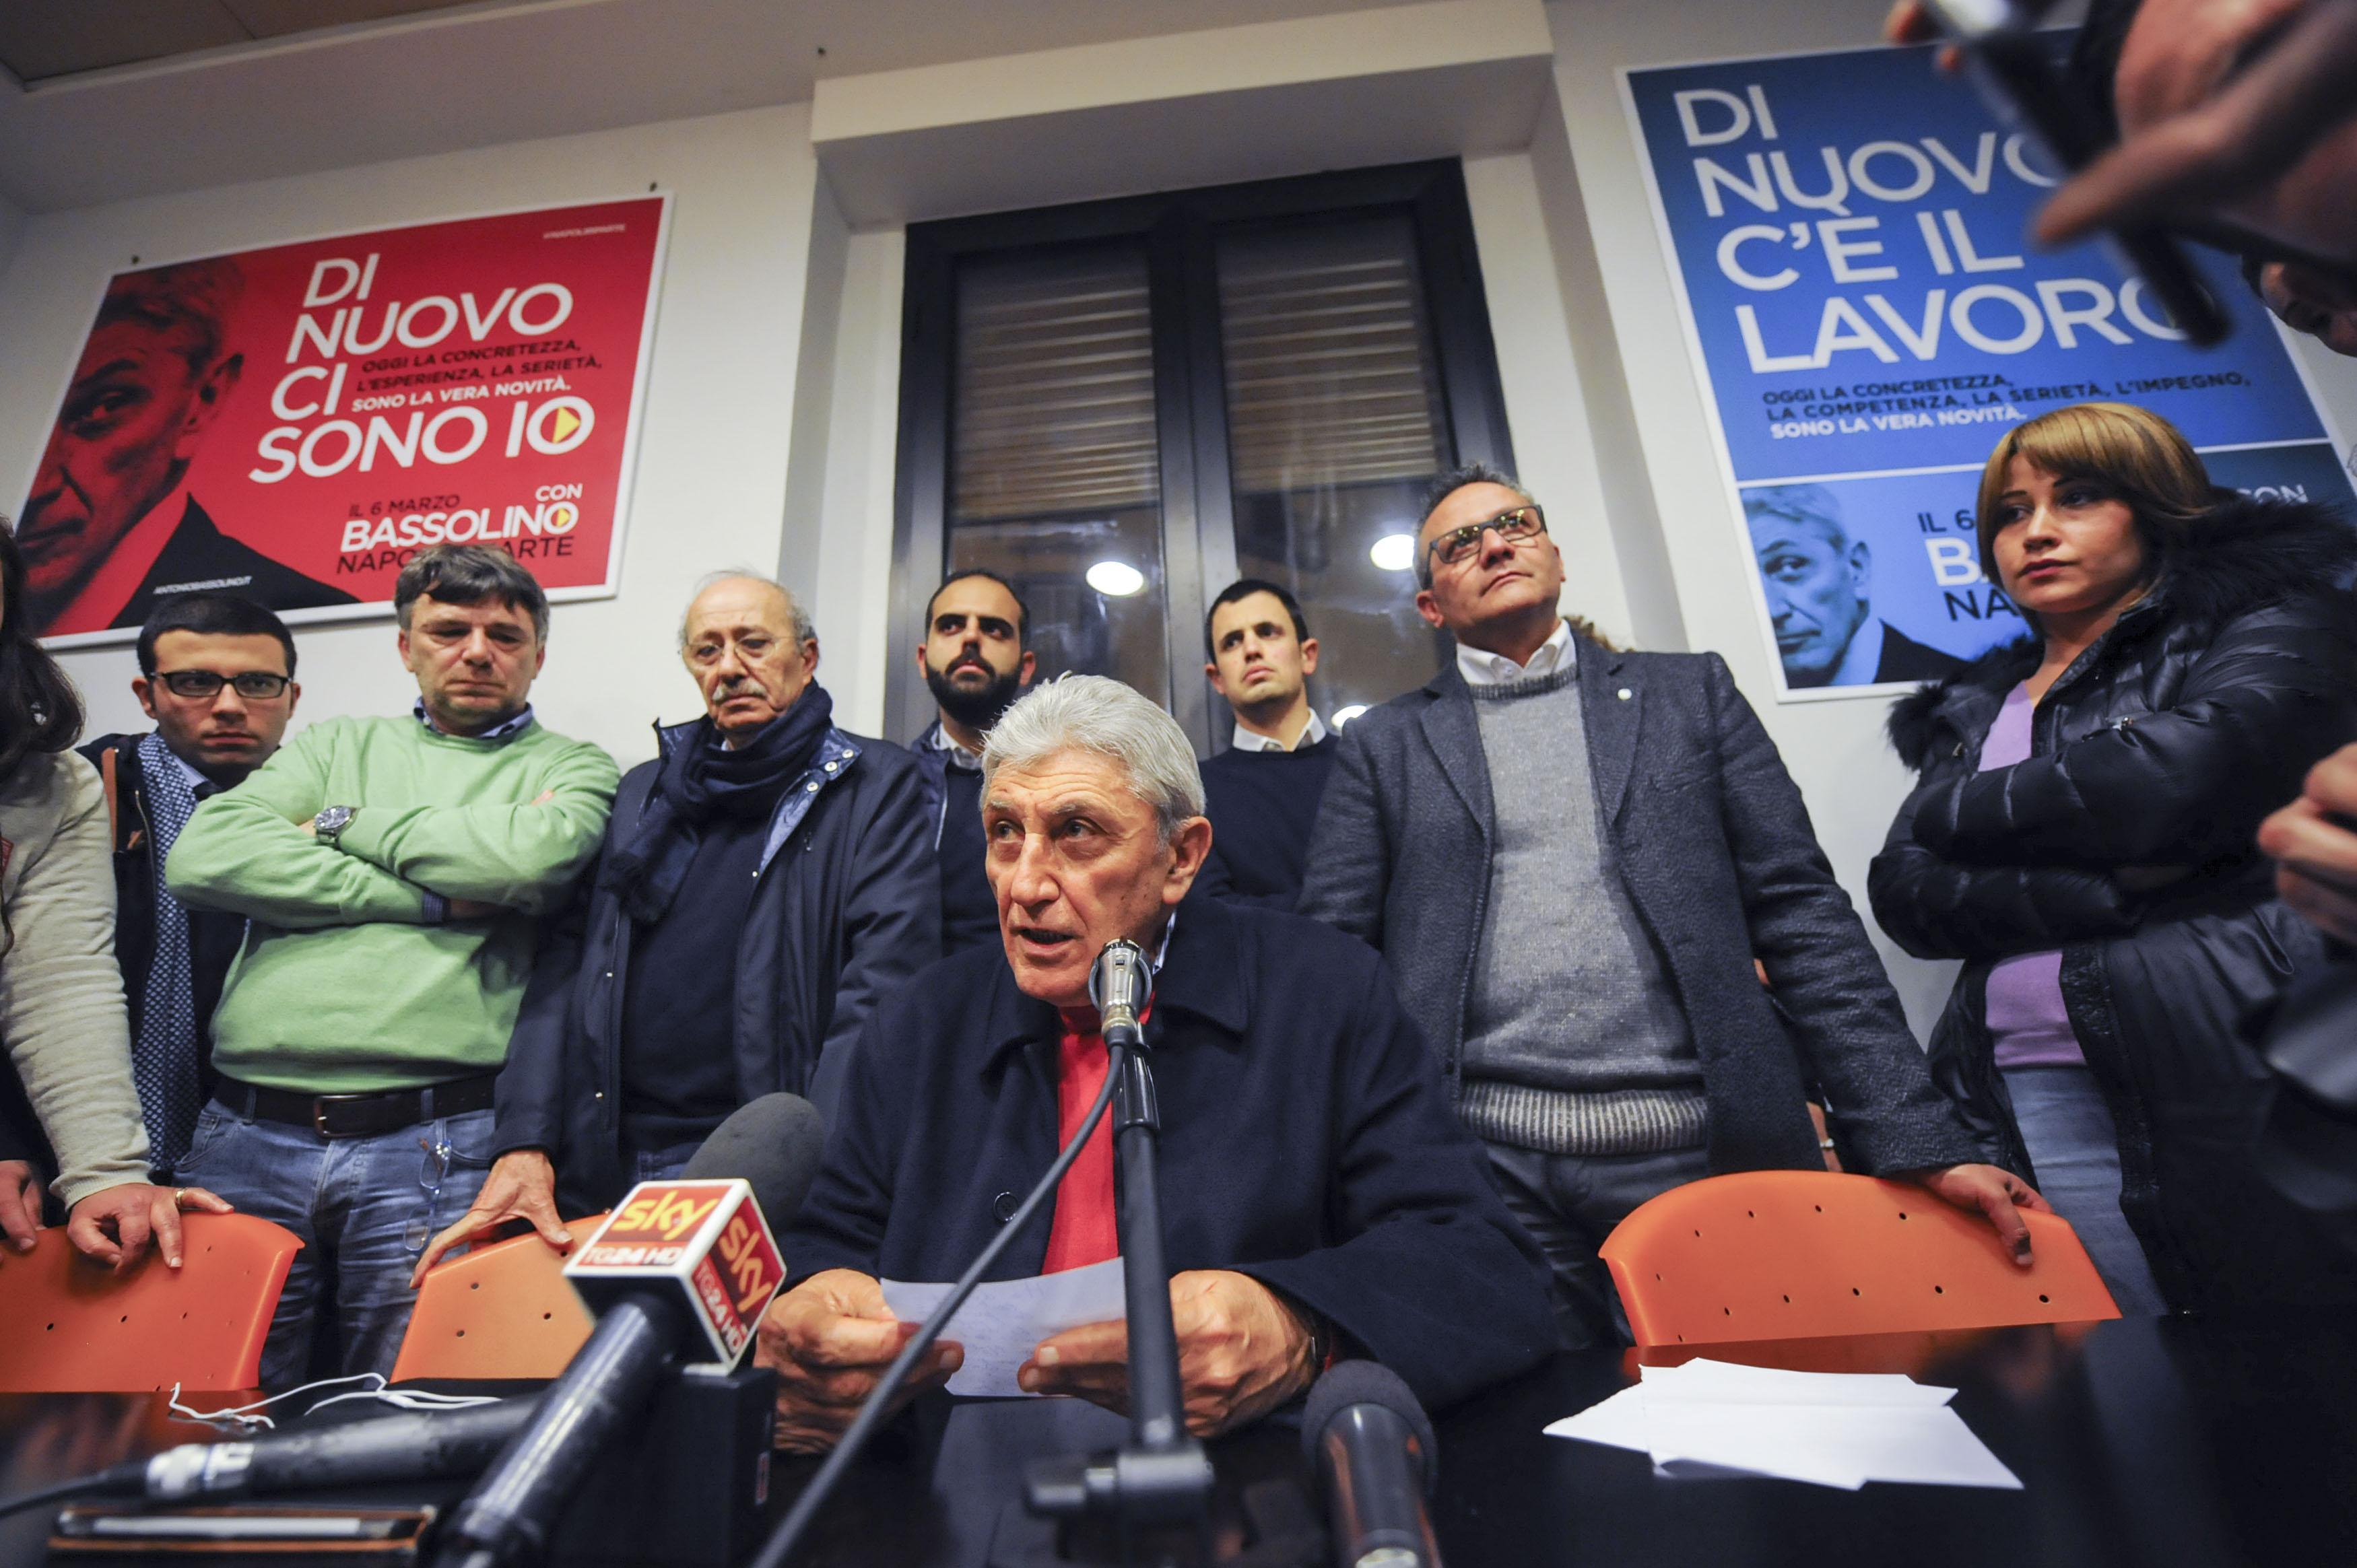 """Dopo l'incontro col Premier Renzi, Bassolino non si candida e """"giura"""" fedeltà al Pd"""